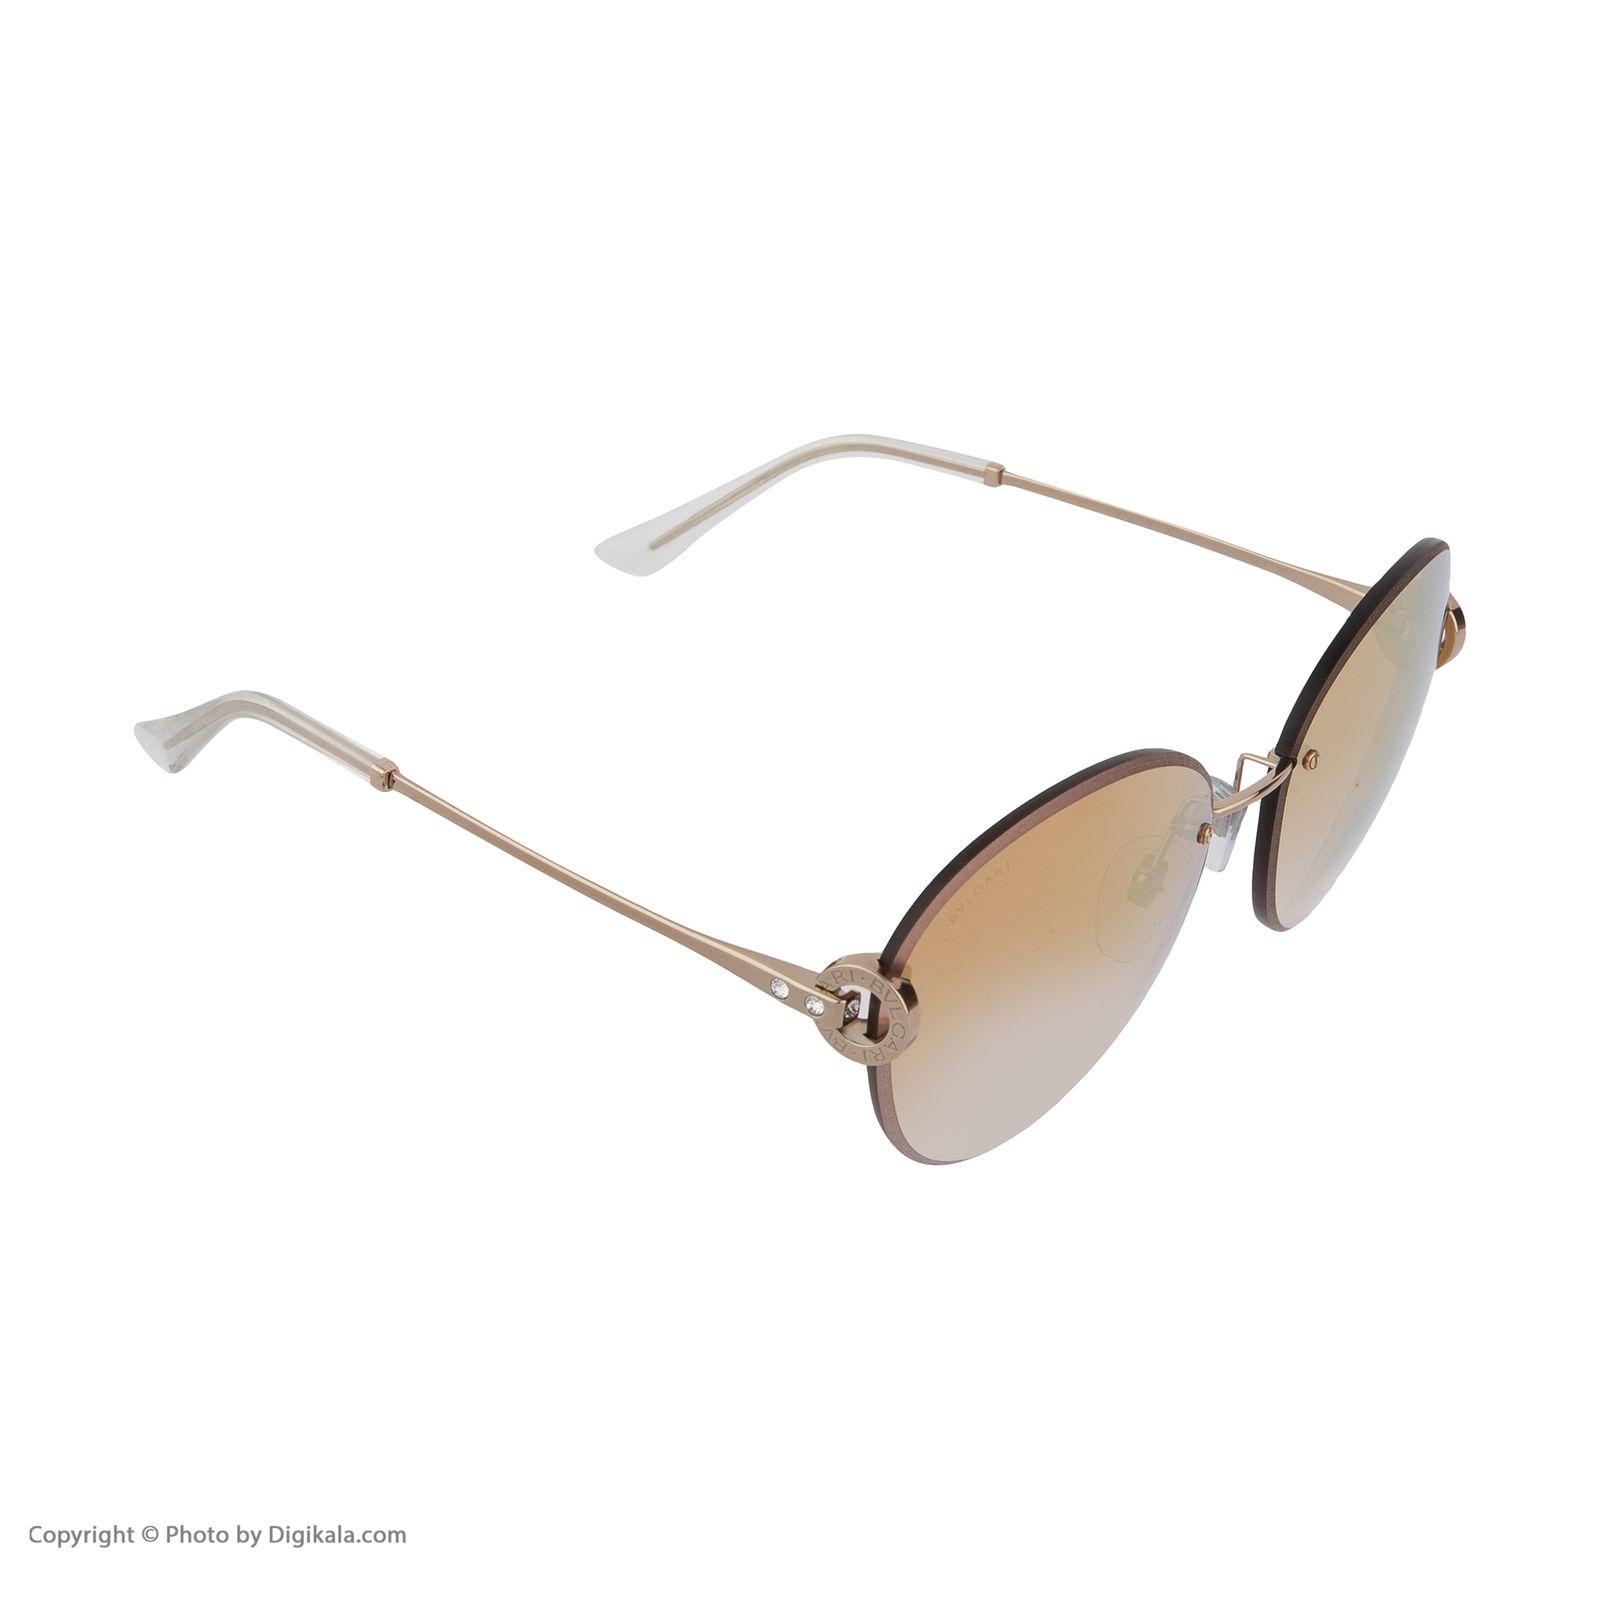 عینک آفتابی زنانه بولگاری مدل BV6091B 20146F -  - 4